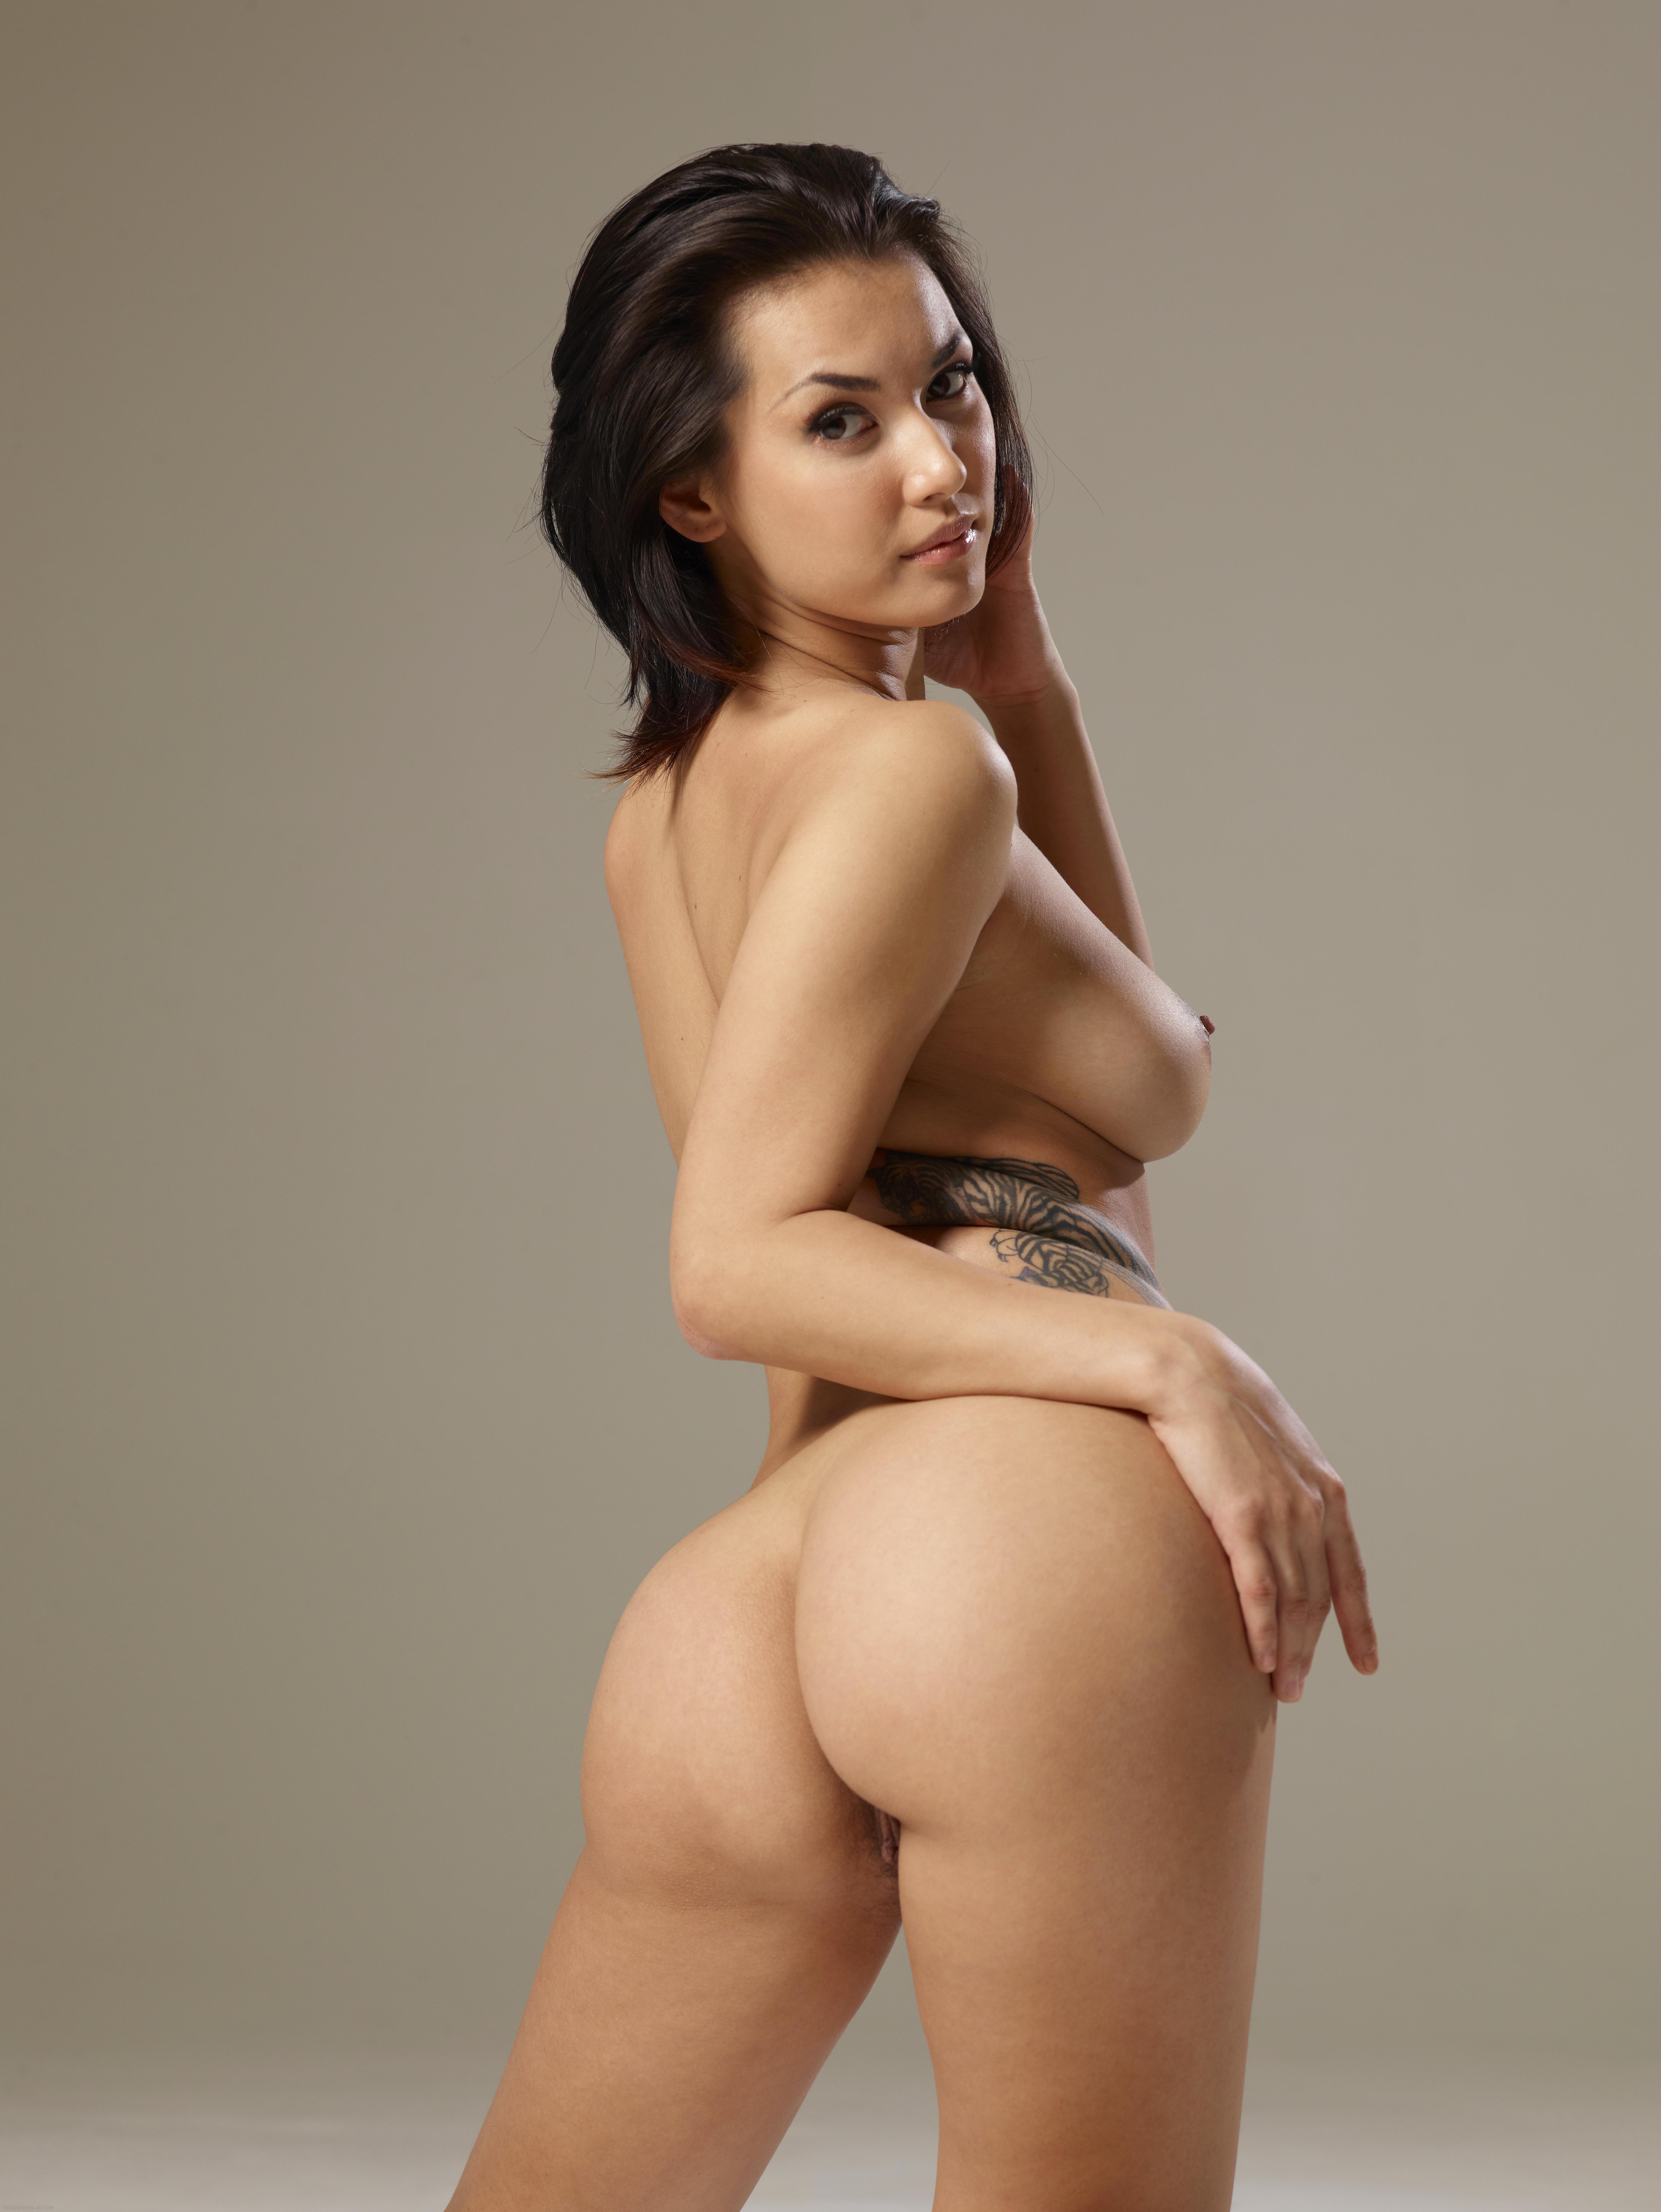 Danielle ftv hardcore porn